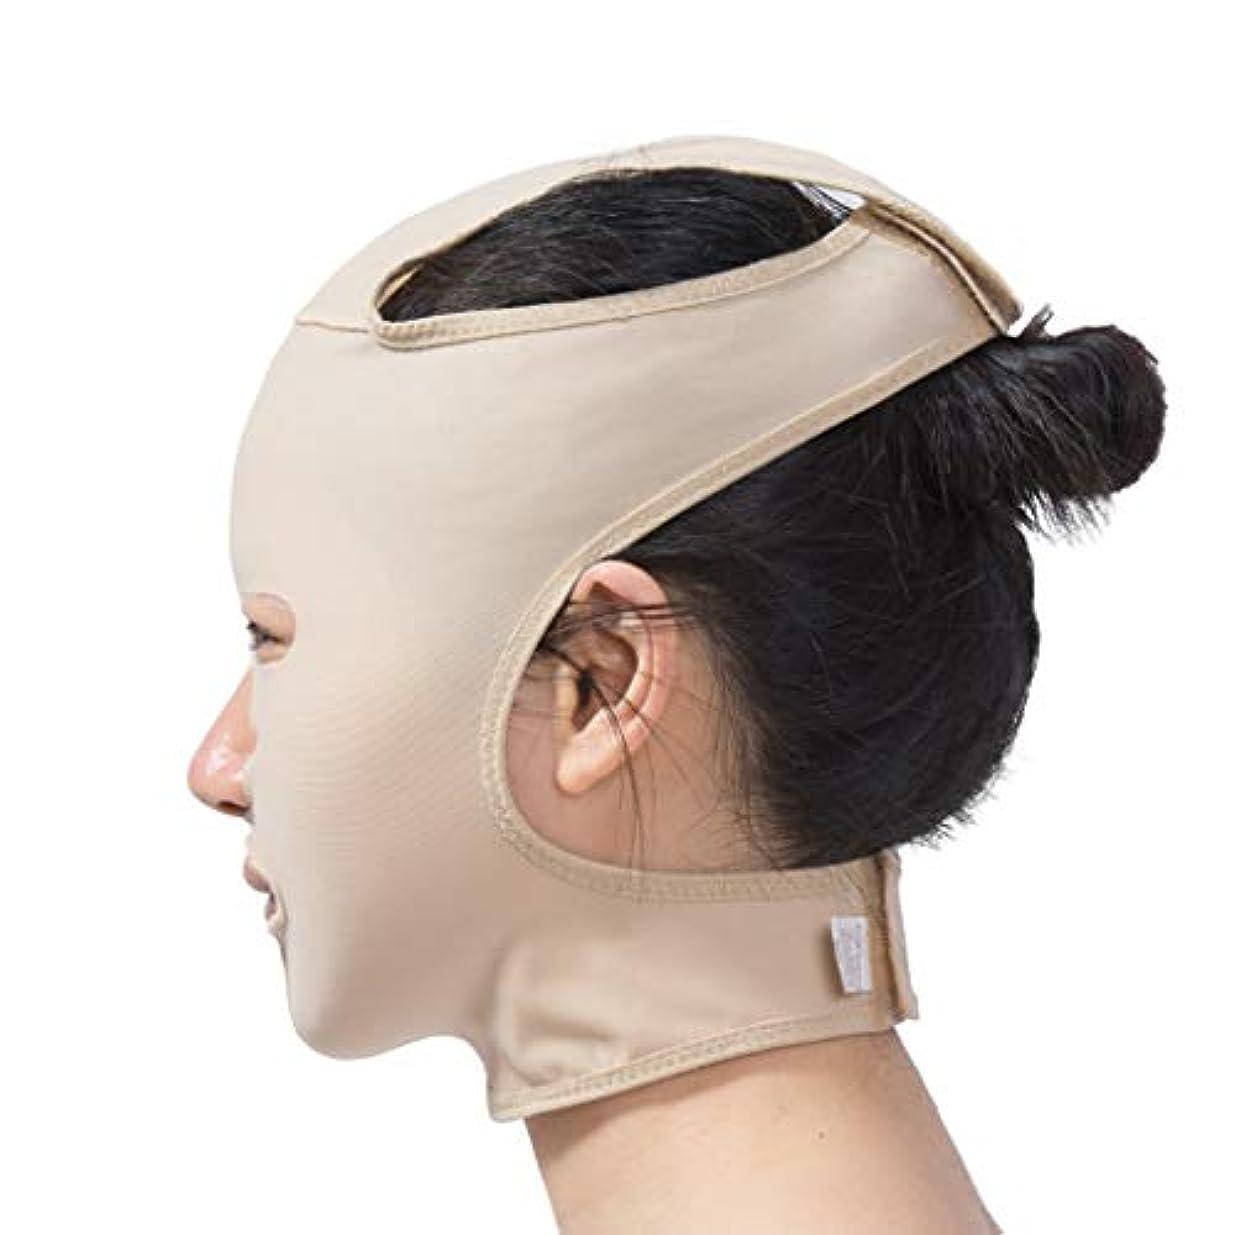 自体ミスペンド賛美歌フェイスリフトマスク、フルフェイスマスク医療グレード圧力フェイスダブルチンプラスチック脂肪吸引術弾性包帯ヘッドギア後の顔の脂肪吸引術 (Size : S)